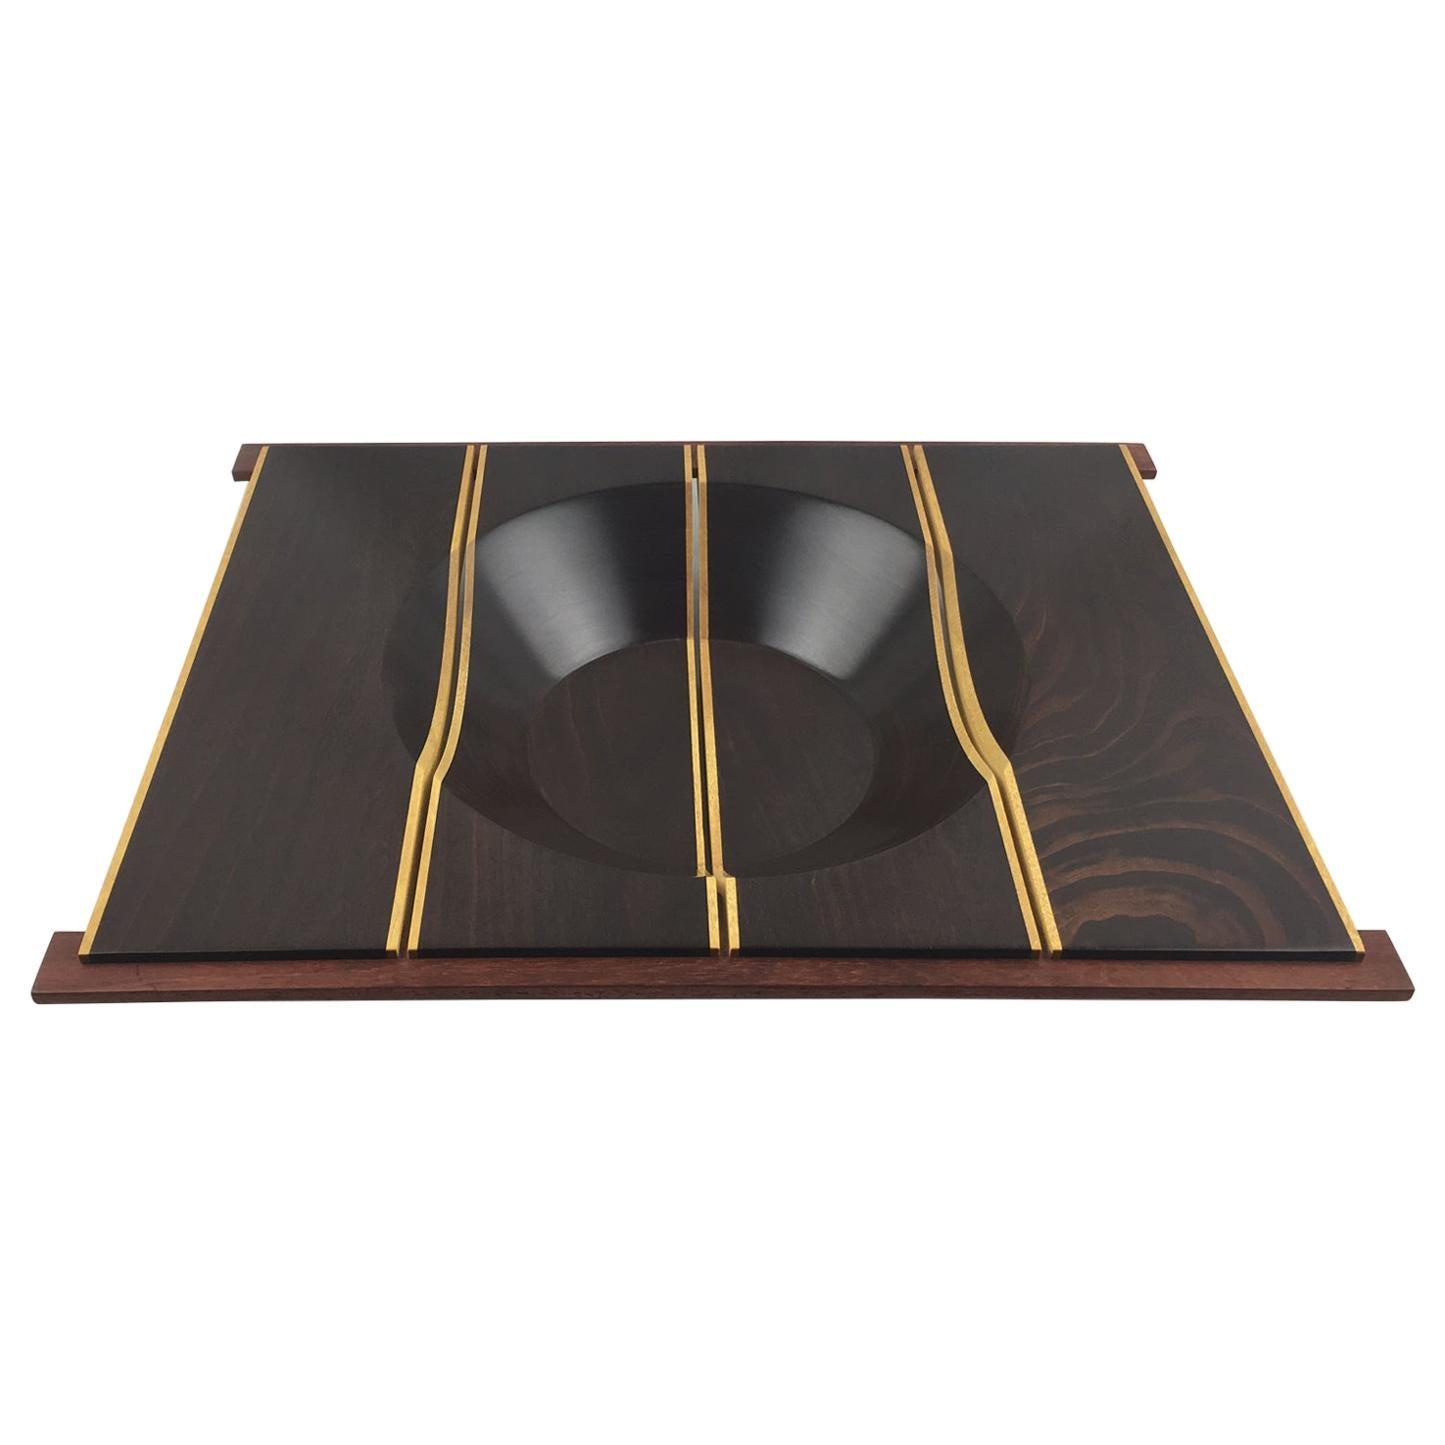 Modernist Macassar Wood Geometric Bowl Centerpiece